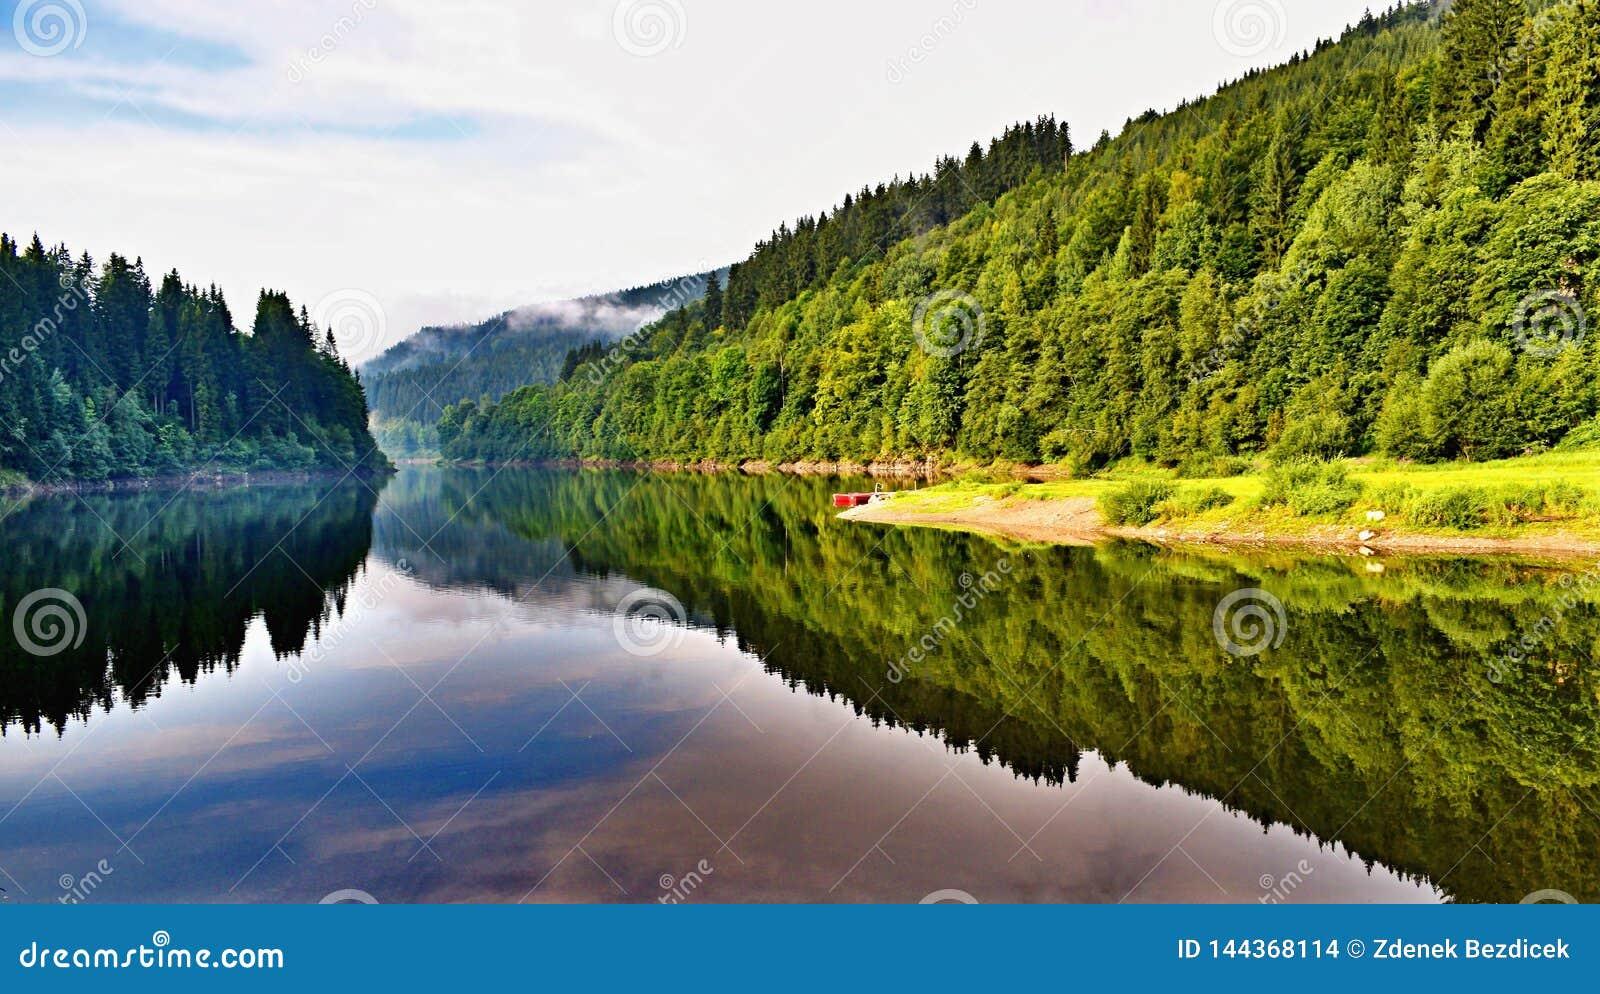 Запруда на реке Эльбе в чехии